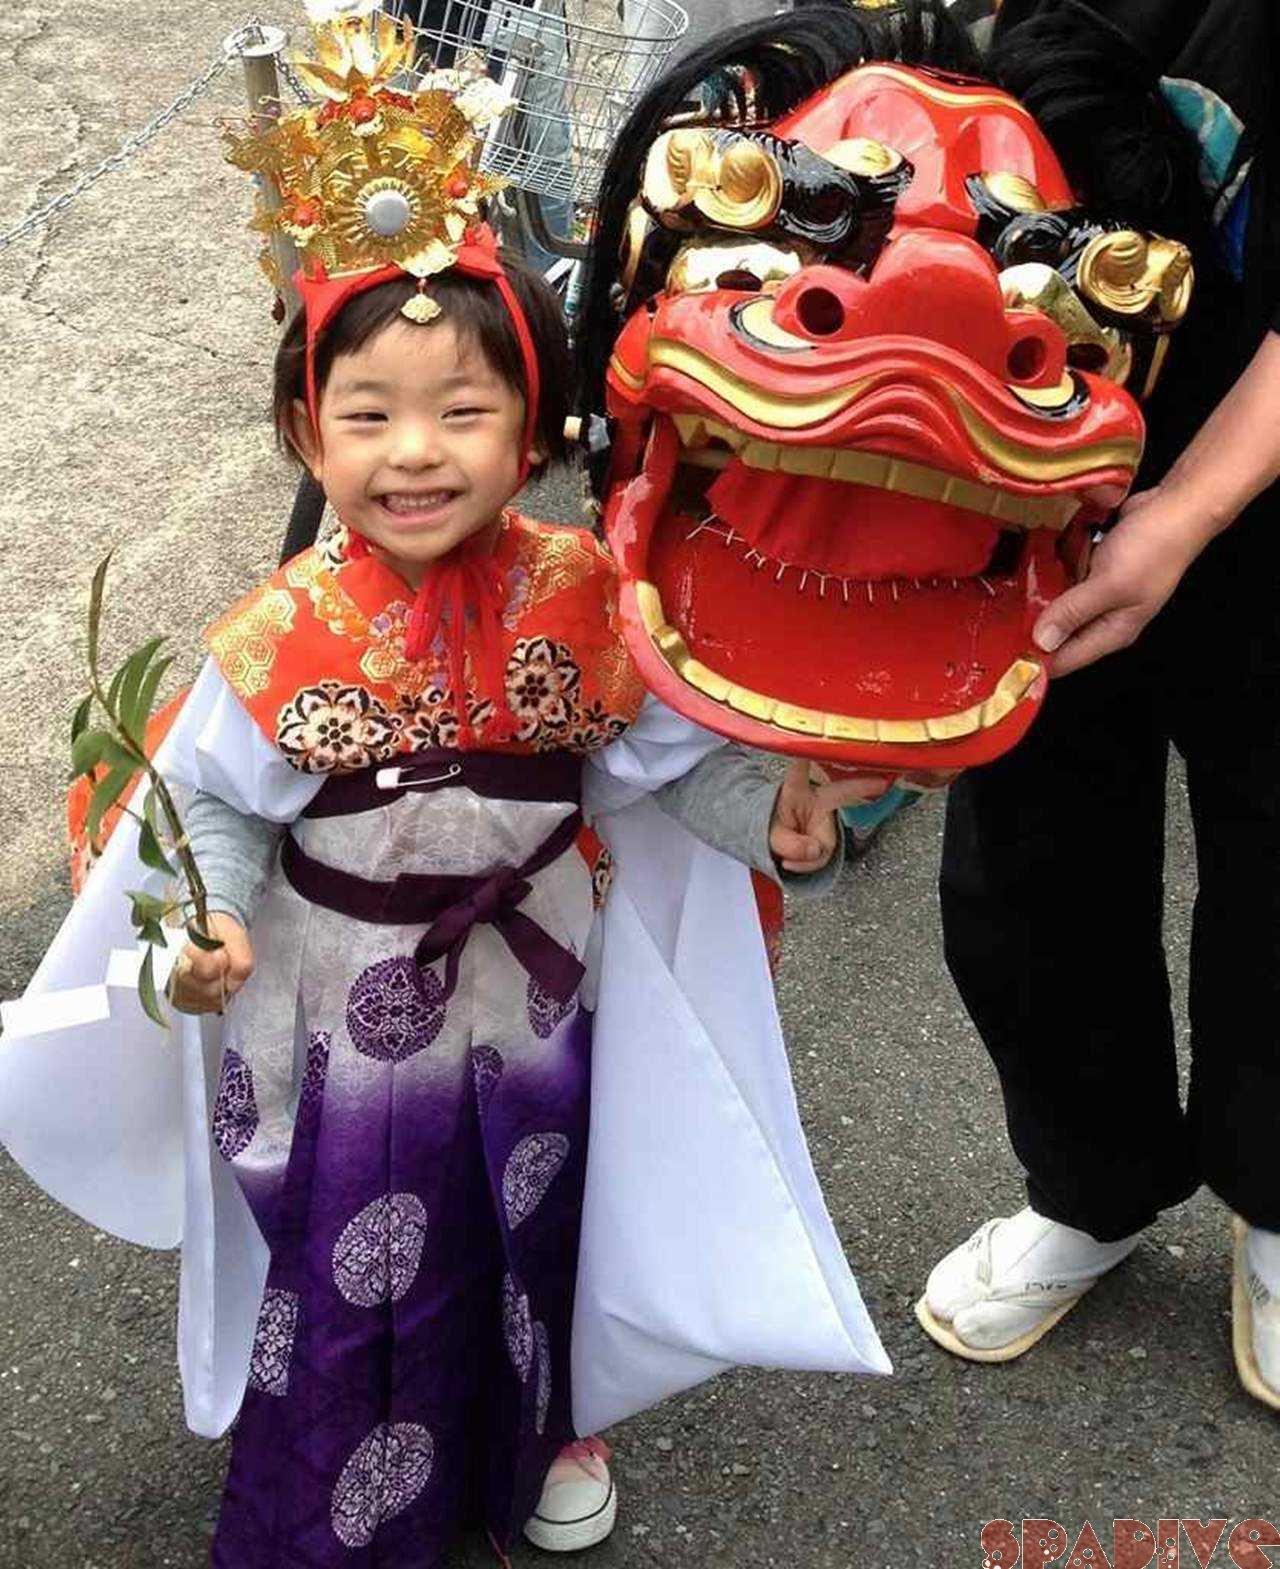 11月2日は湯崎のお祭りでお稚児さんしてきたよ♪